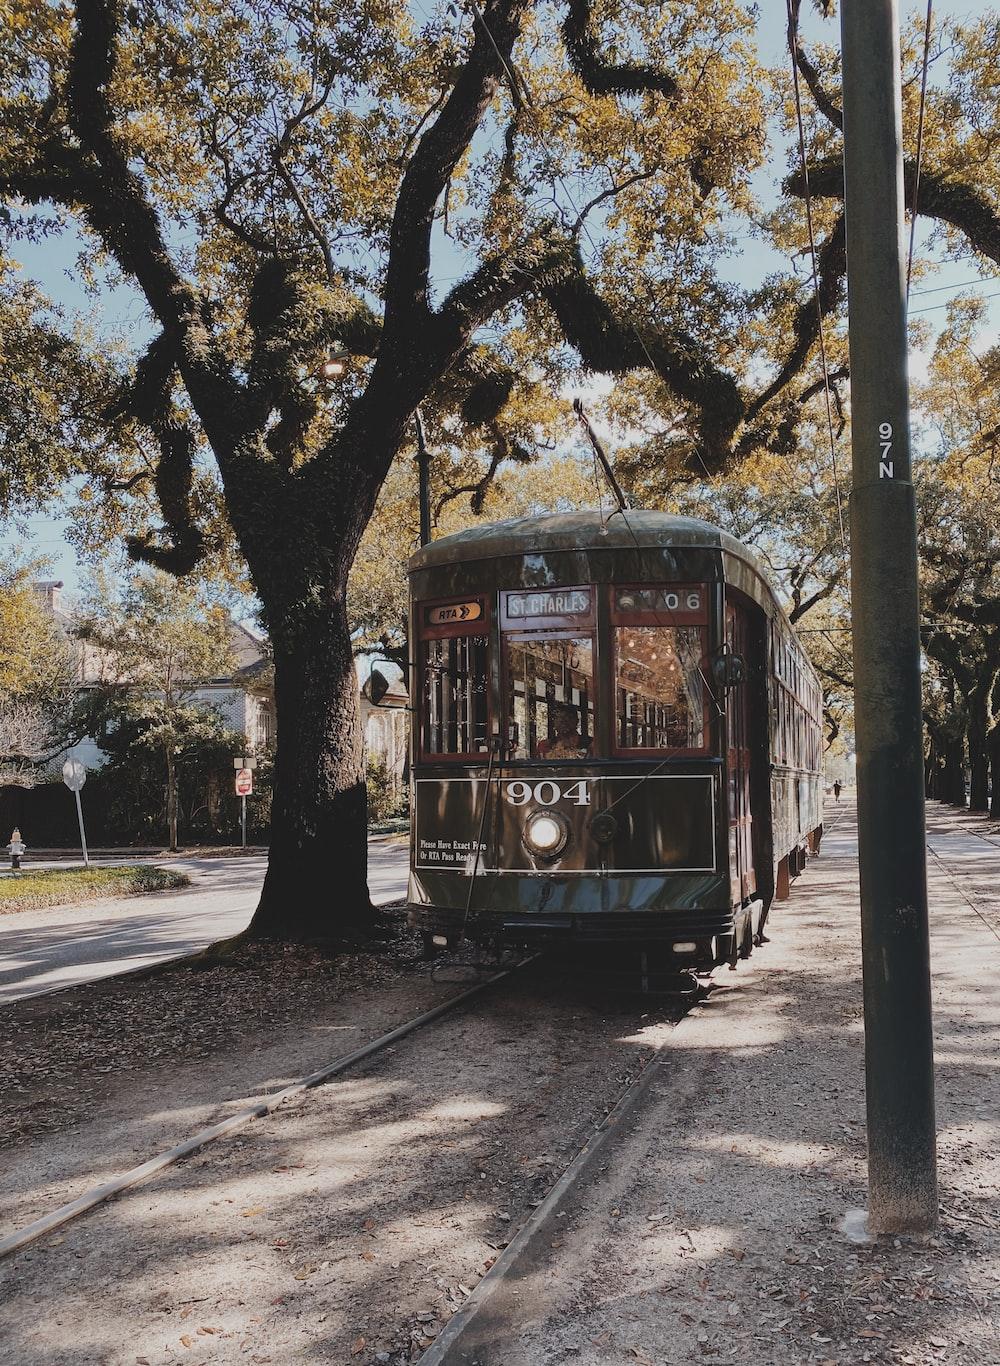 train crossing beside tree